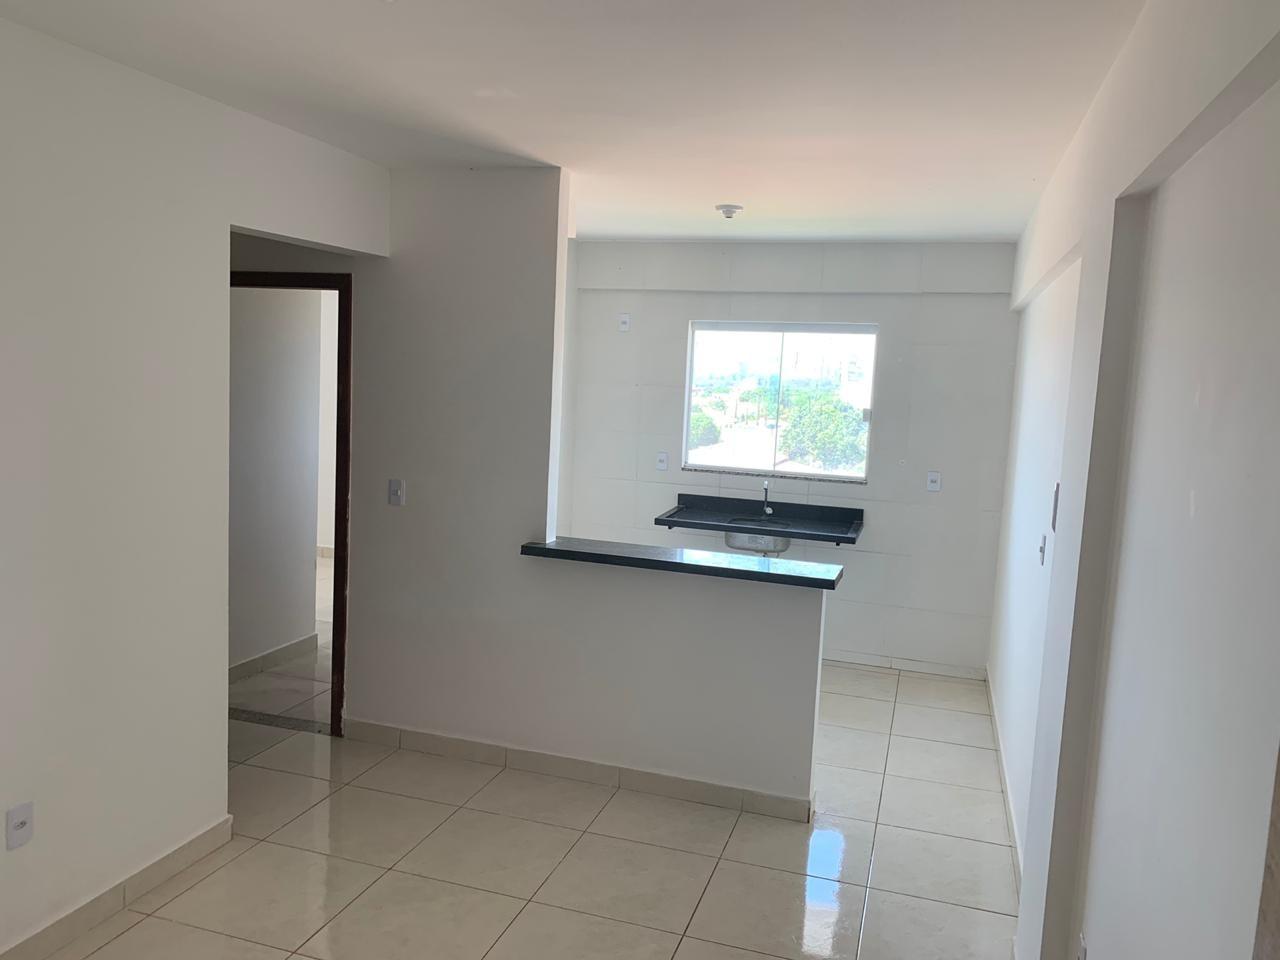 Apartamento 1 quarto sem garagem - cod. 187